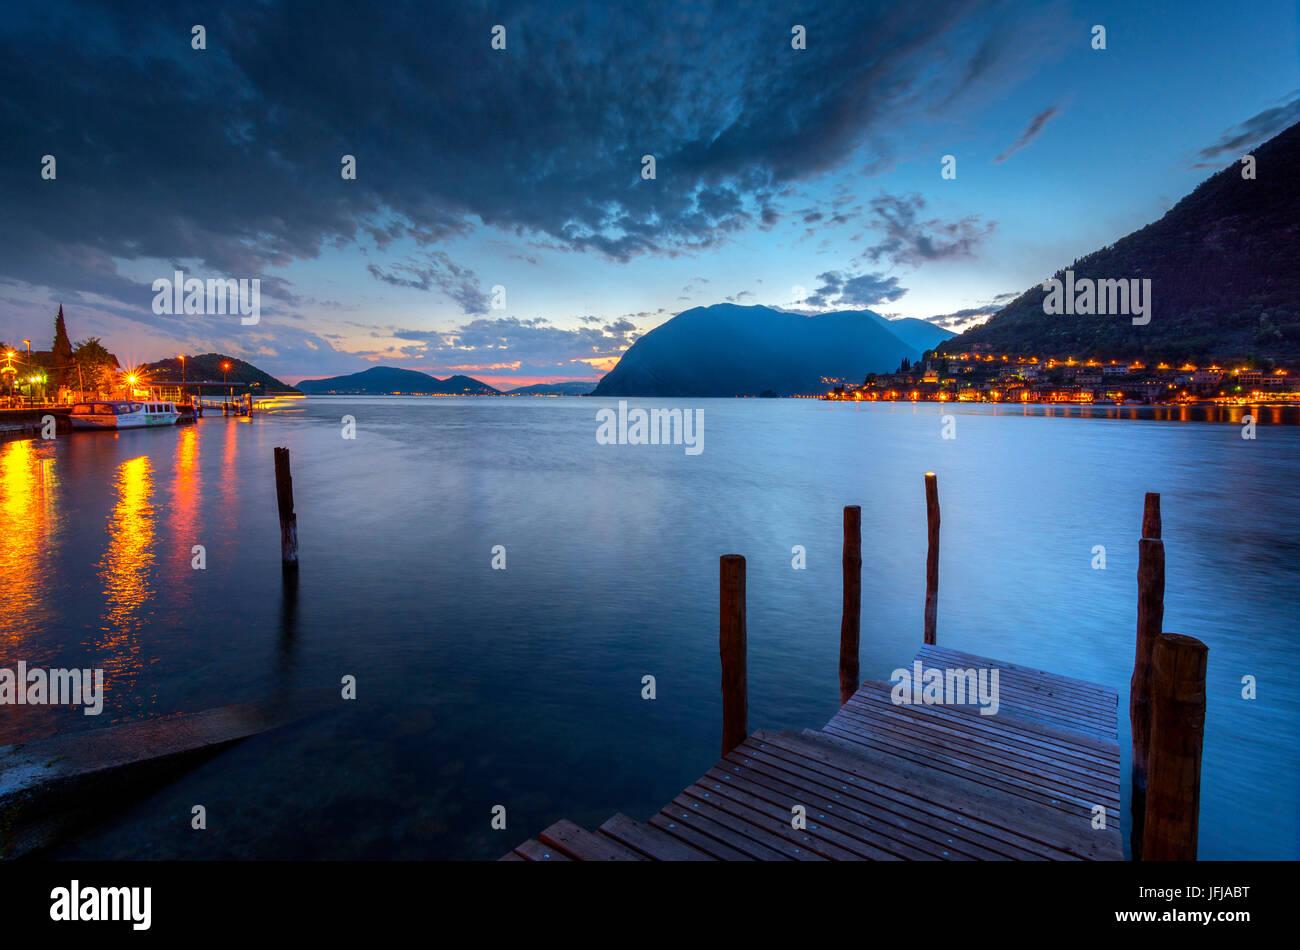 Peschiera Maraglio, Montisola, Brescia province, Lombardia district, Italy - Stock Image